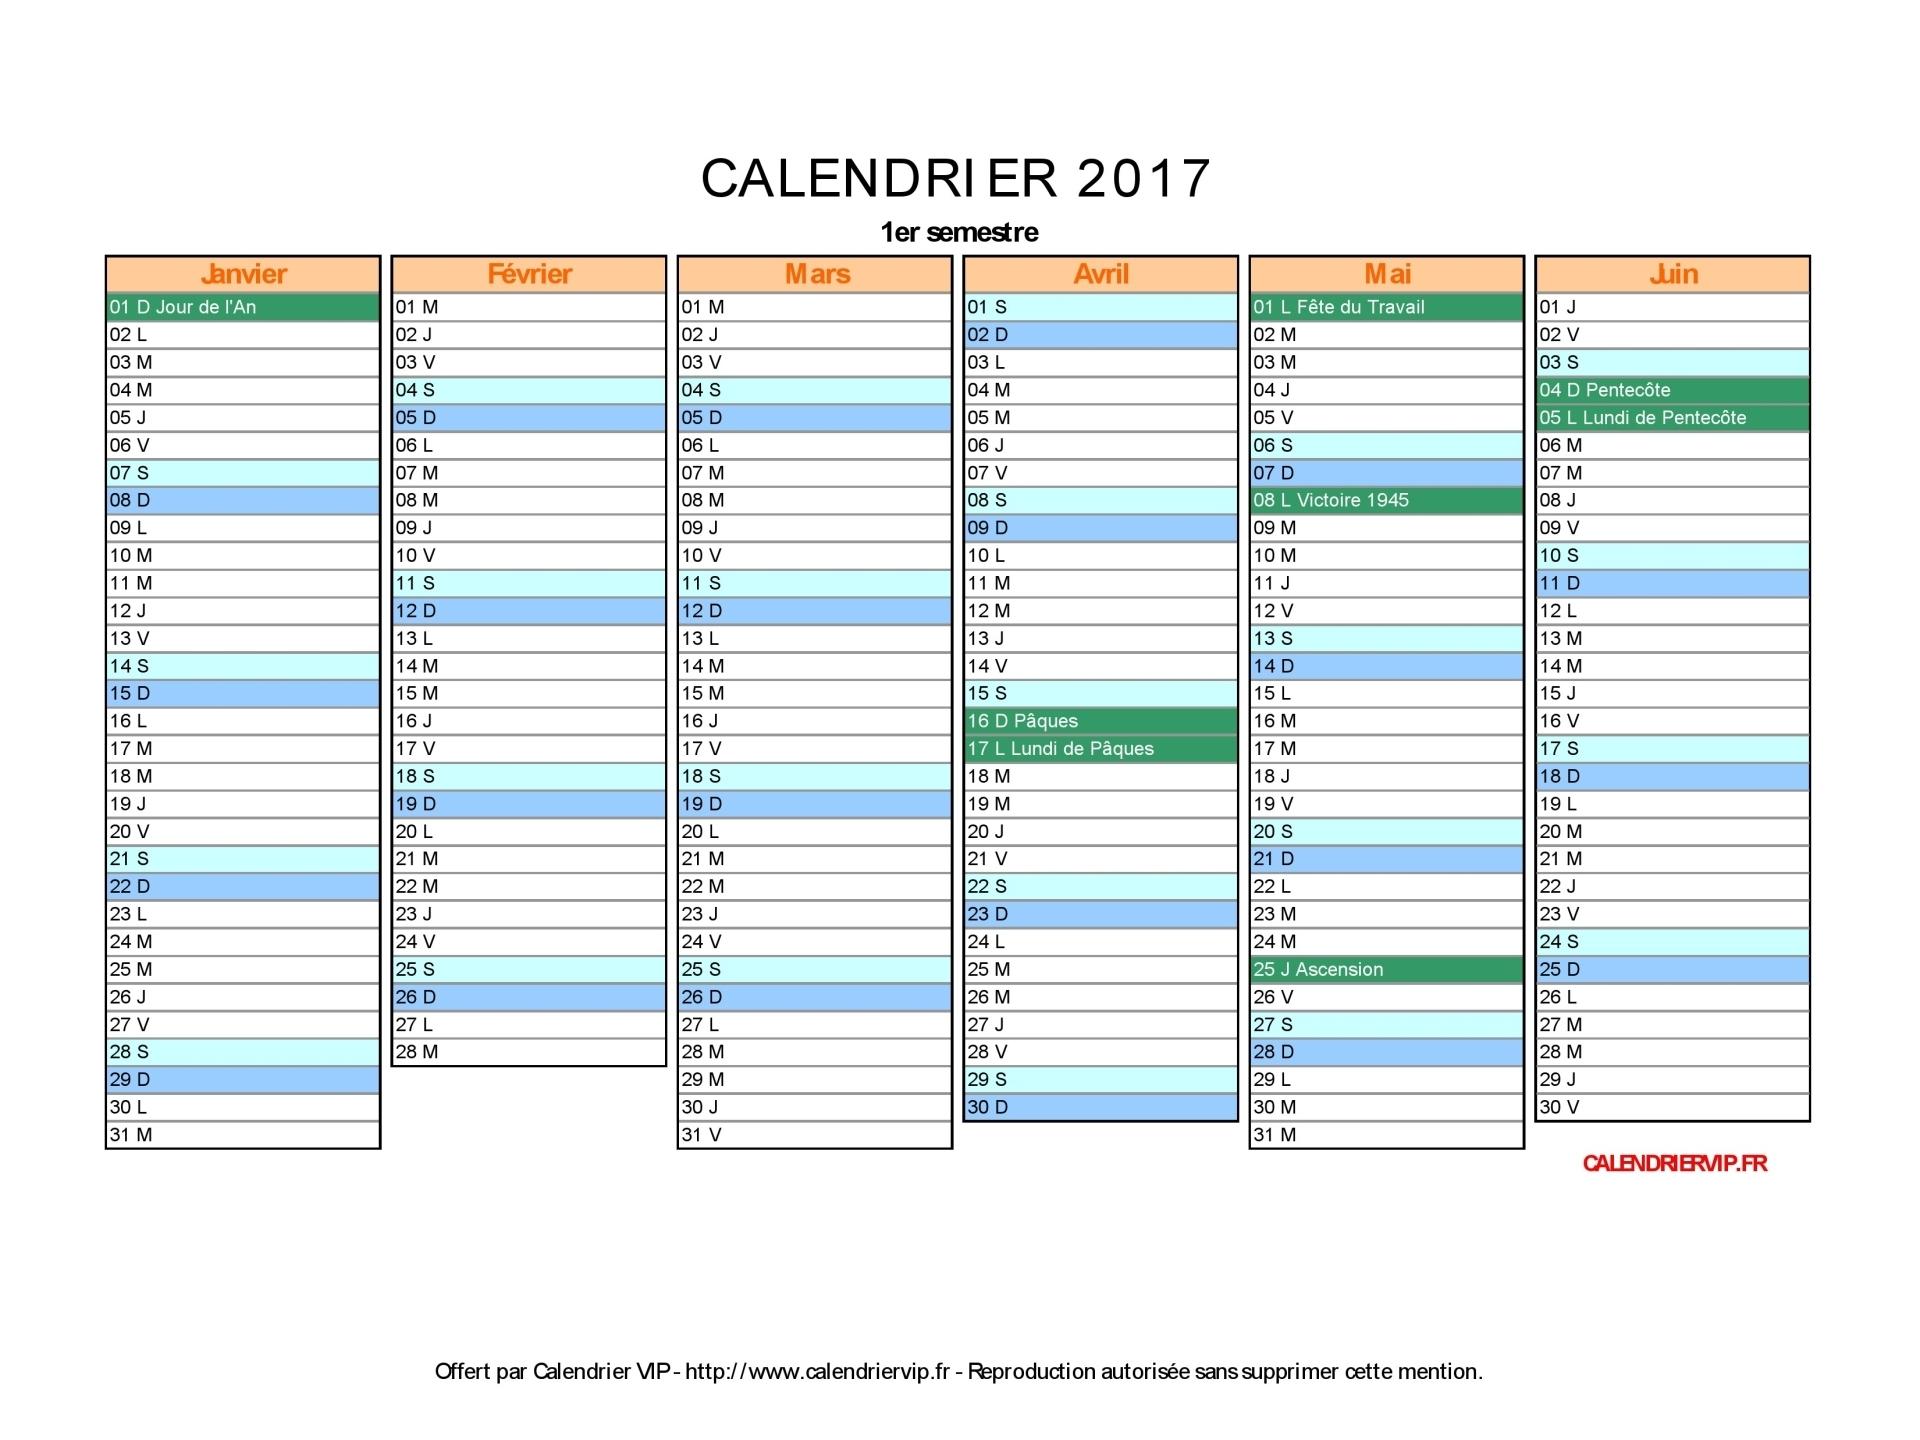 Calendrier 2017 À Imprimer Gratuit En Pdf Et Excel avec Calendrier 2017 Imprimable